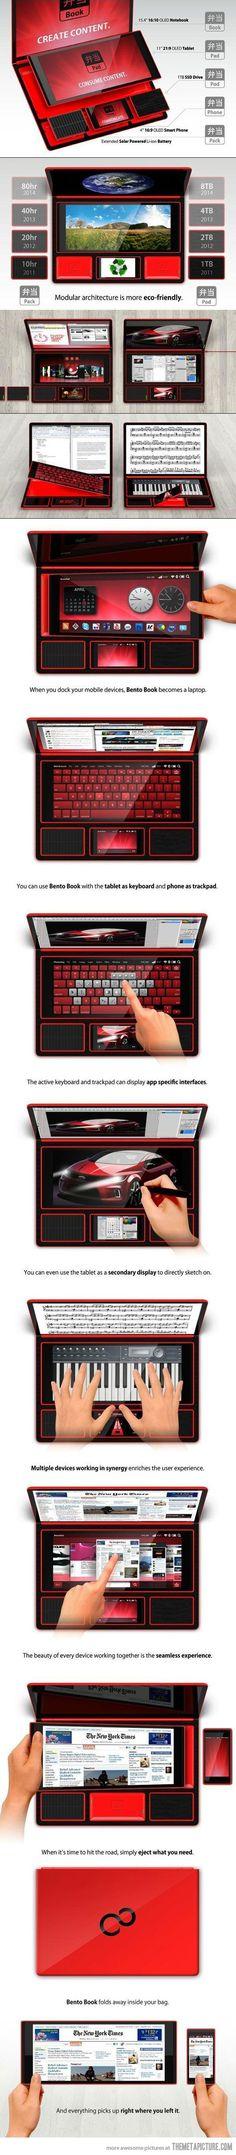 Futuristic computer design - WANT!